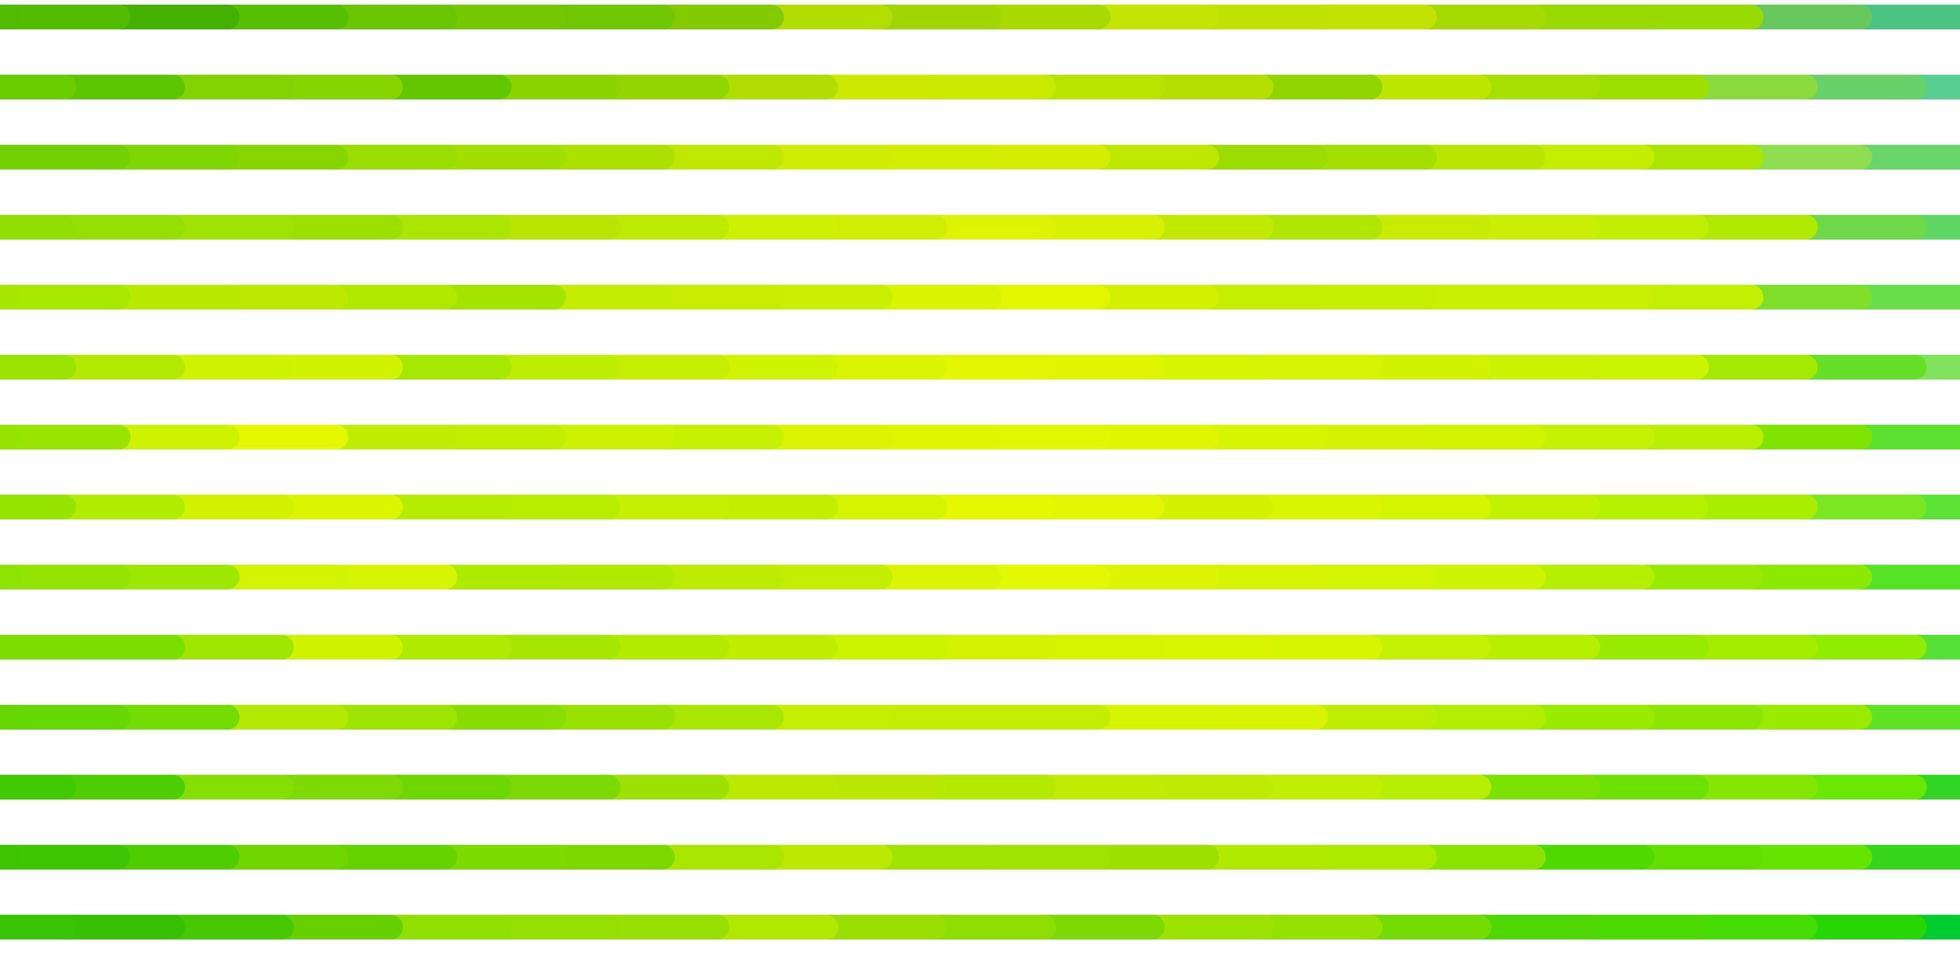 ljusgrön vektorlayout med linjer. vektor